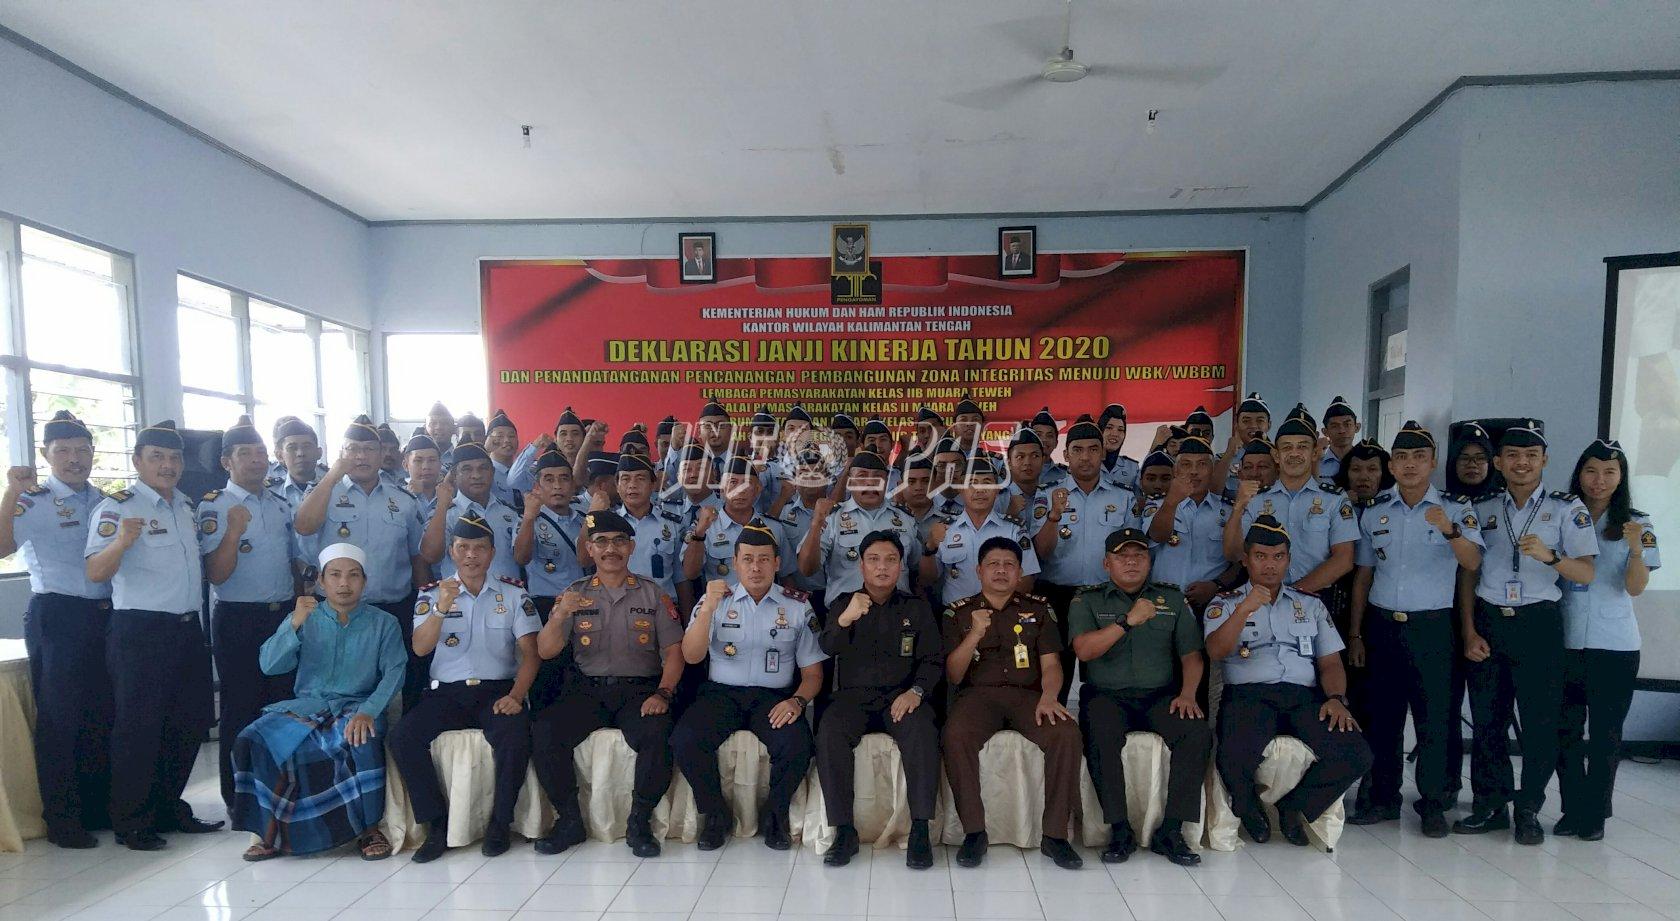 UPT PAS Wilayah Rayon IV Kanwil Kalteng Deklarasikan Janji Kinerja Tahun 2020